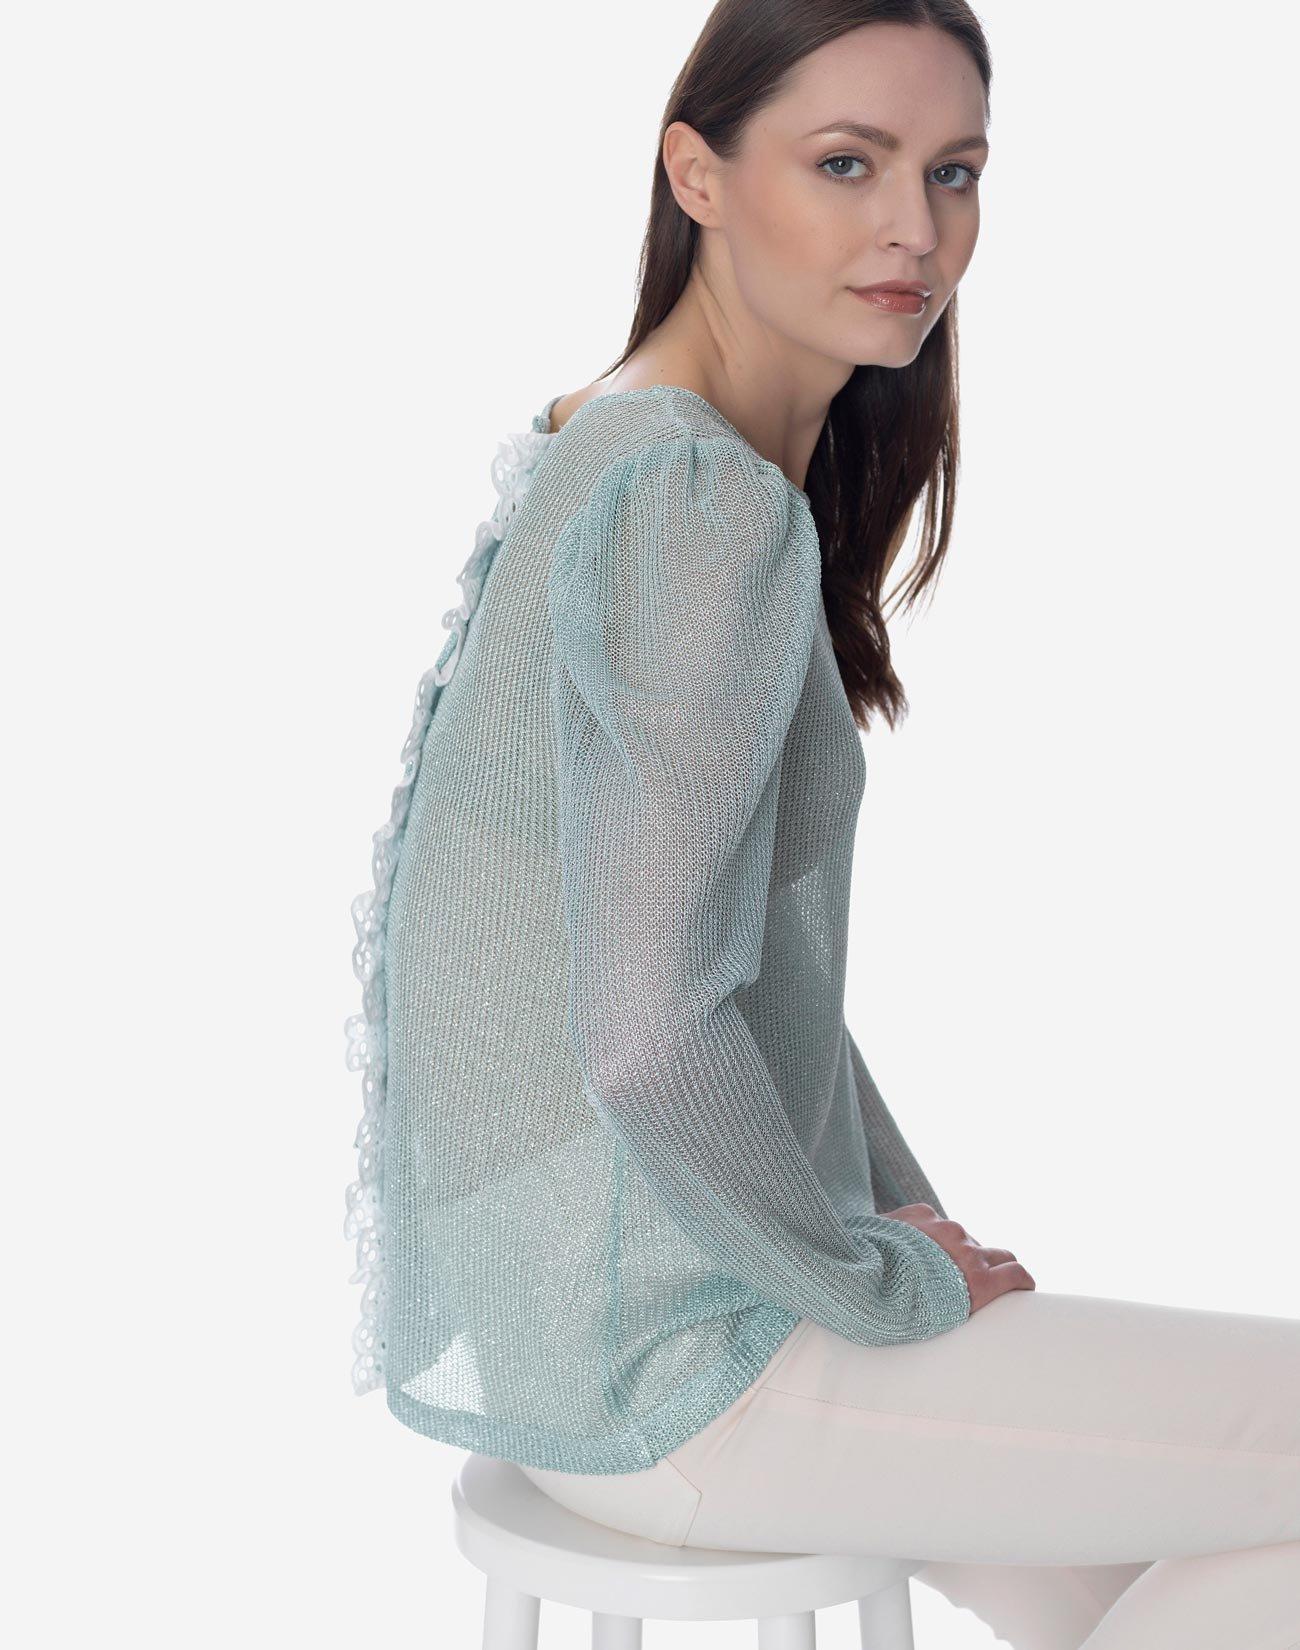 Ημιδιάφανη μπλούζα με δαντέλα